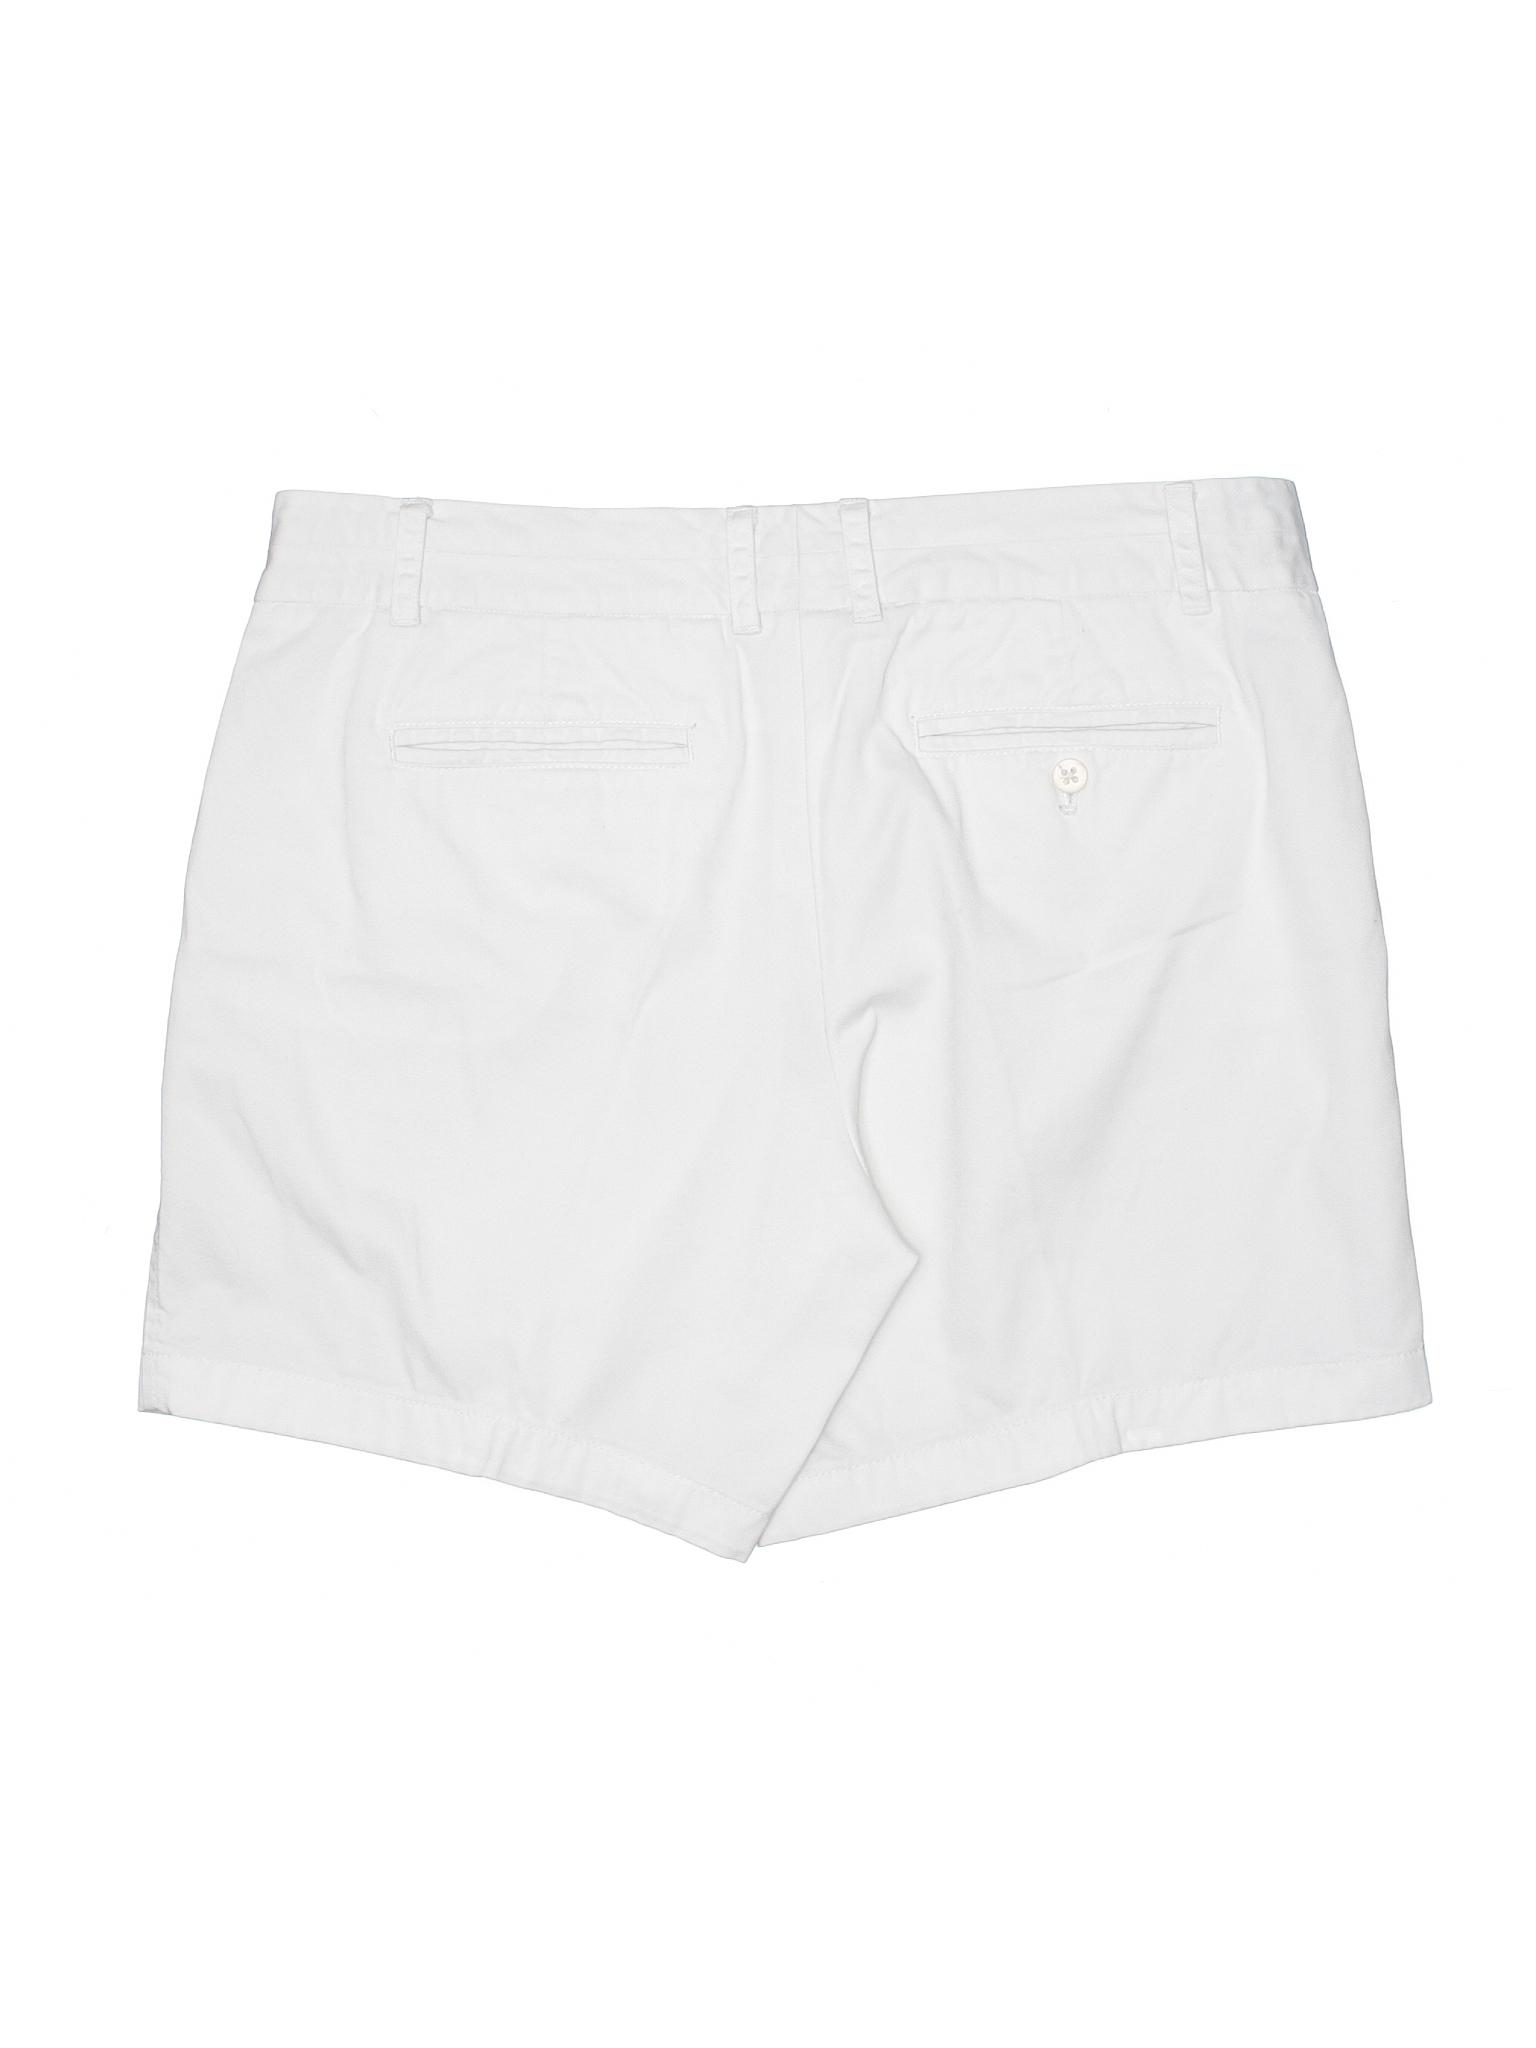 Crew Khaki leisure Shorts J Boutique w7qHSaE